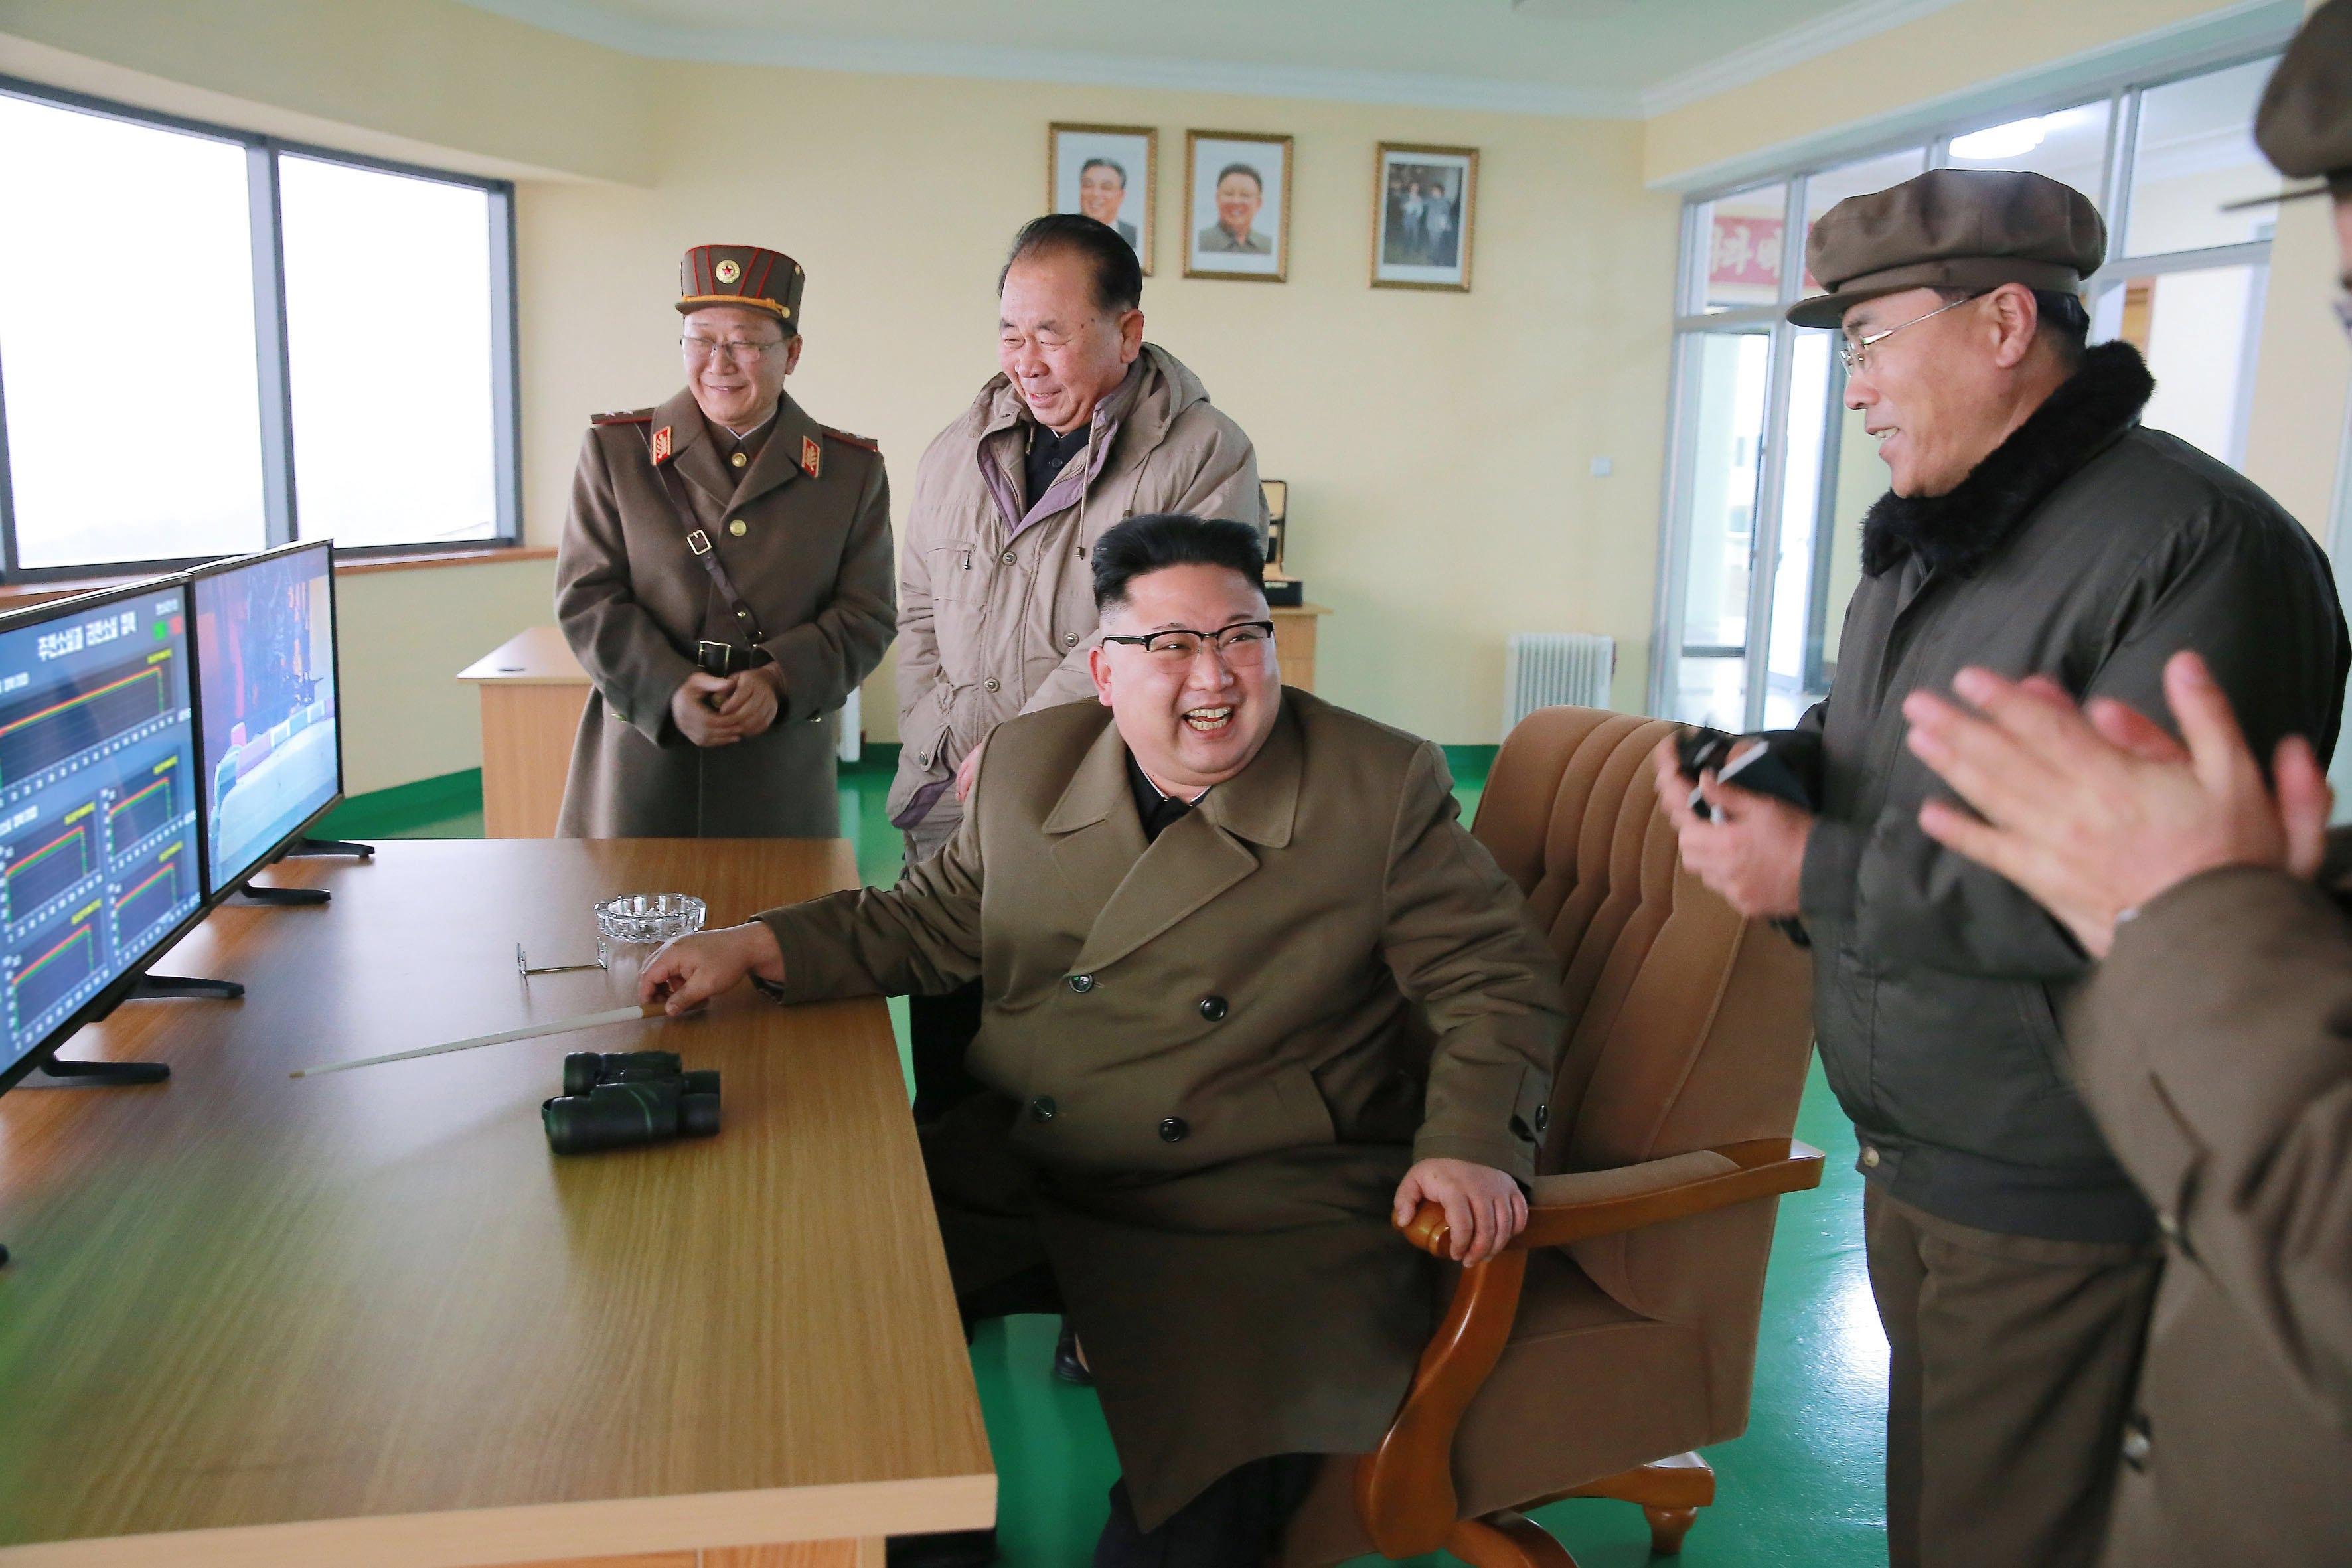 正值美國國務卿提勒森在中國訪問之際,北韓再次公然挑釁,19日高調宣布前一天成功測試新型大功率火箭引擎的地面點火,表示洲際導彈發展能力已進入收尾階段,對美國構成實質潛在壓力。圖為北韓領導人金正恩親自督導測試,對成功測試表達高興。 (歐新社)